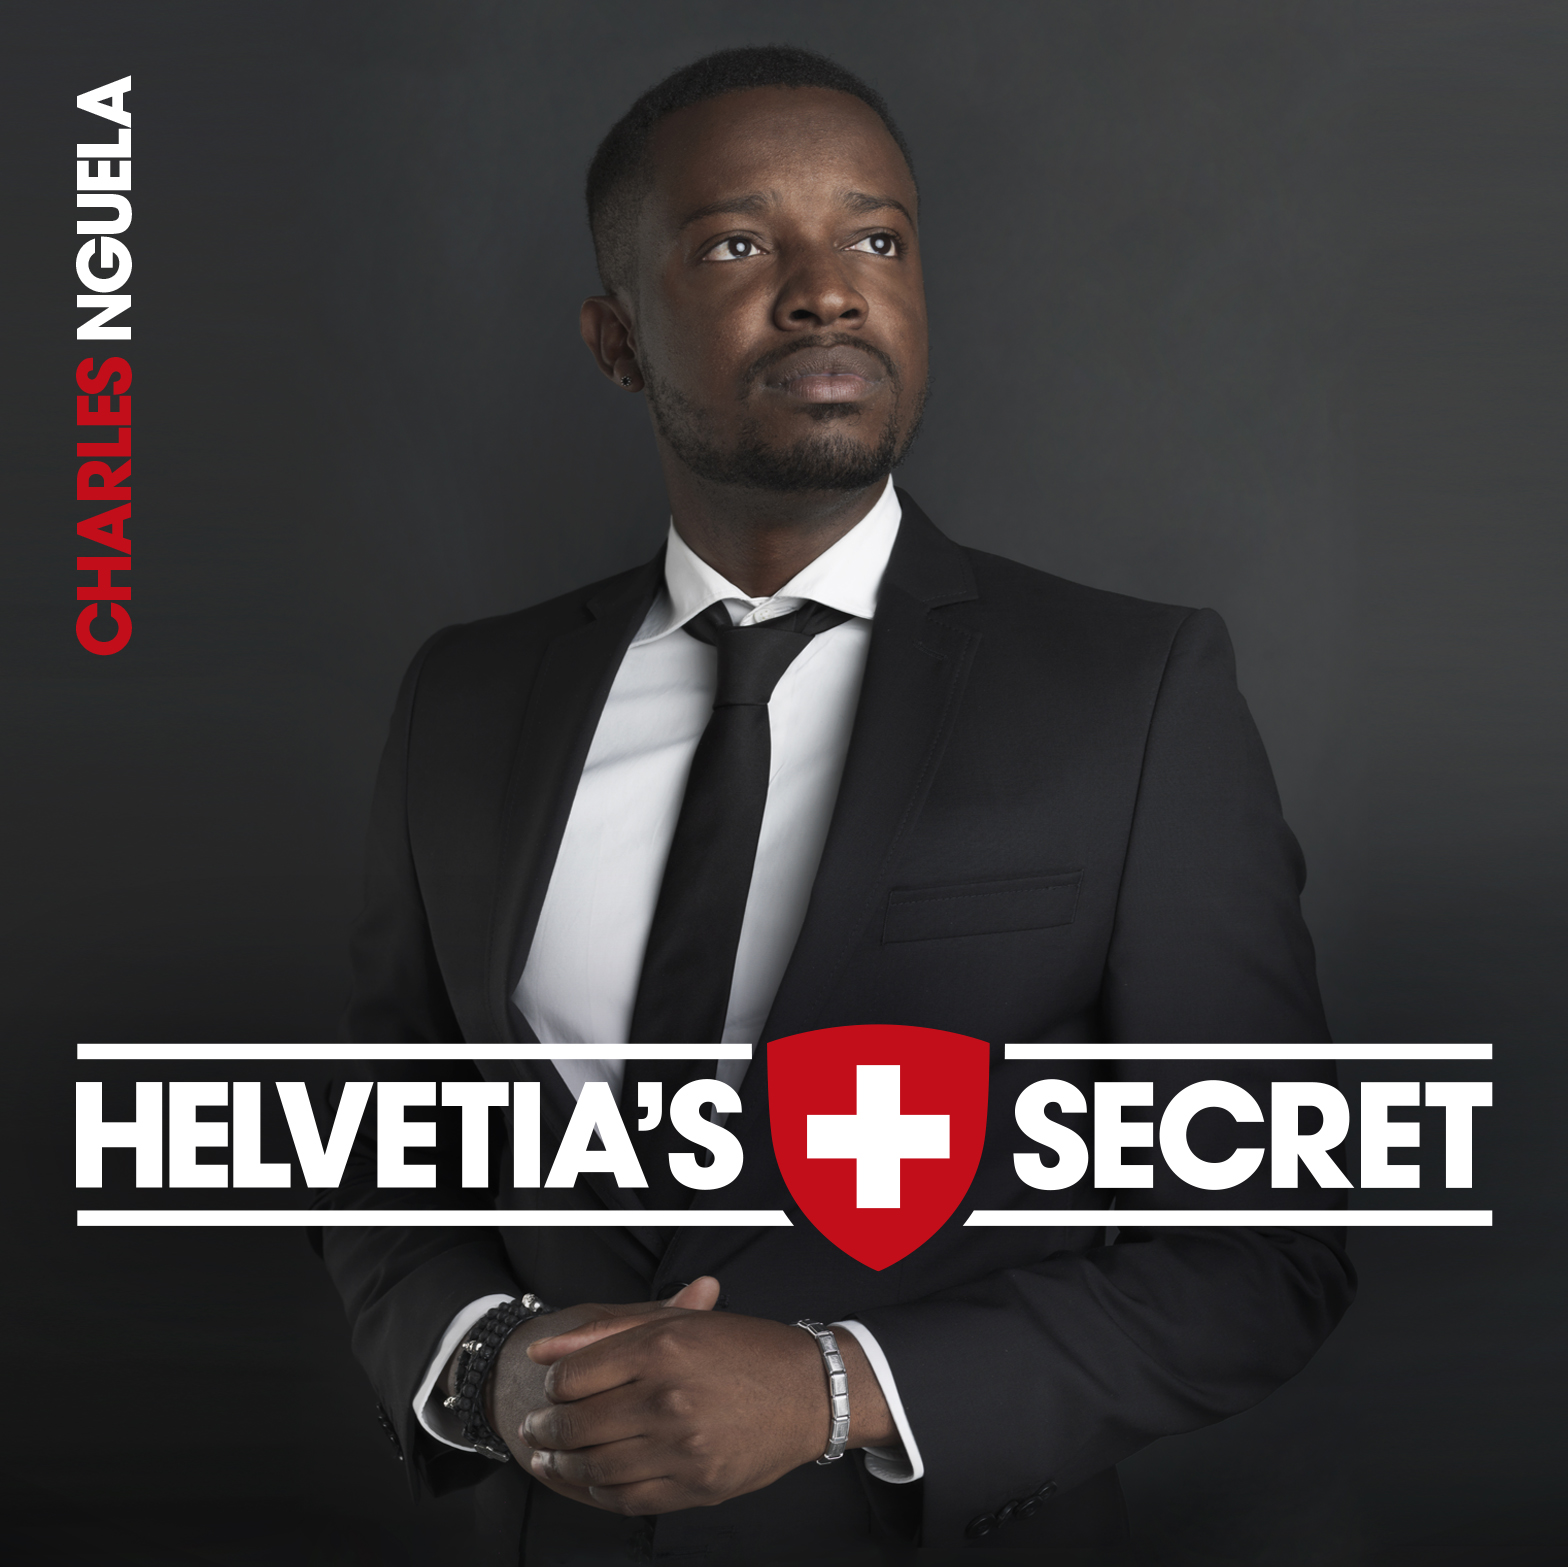 Helvetia's Secret.jpg